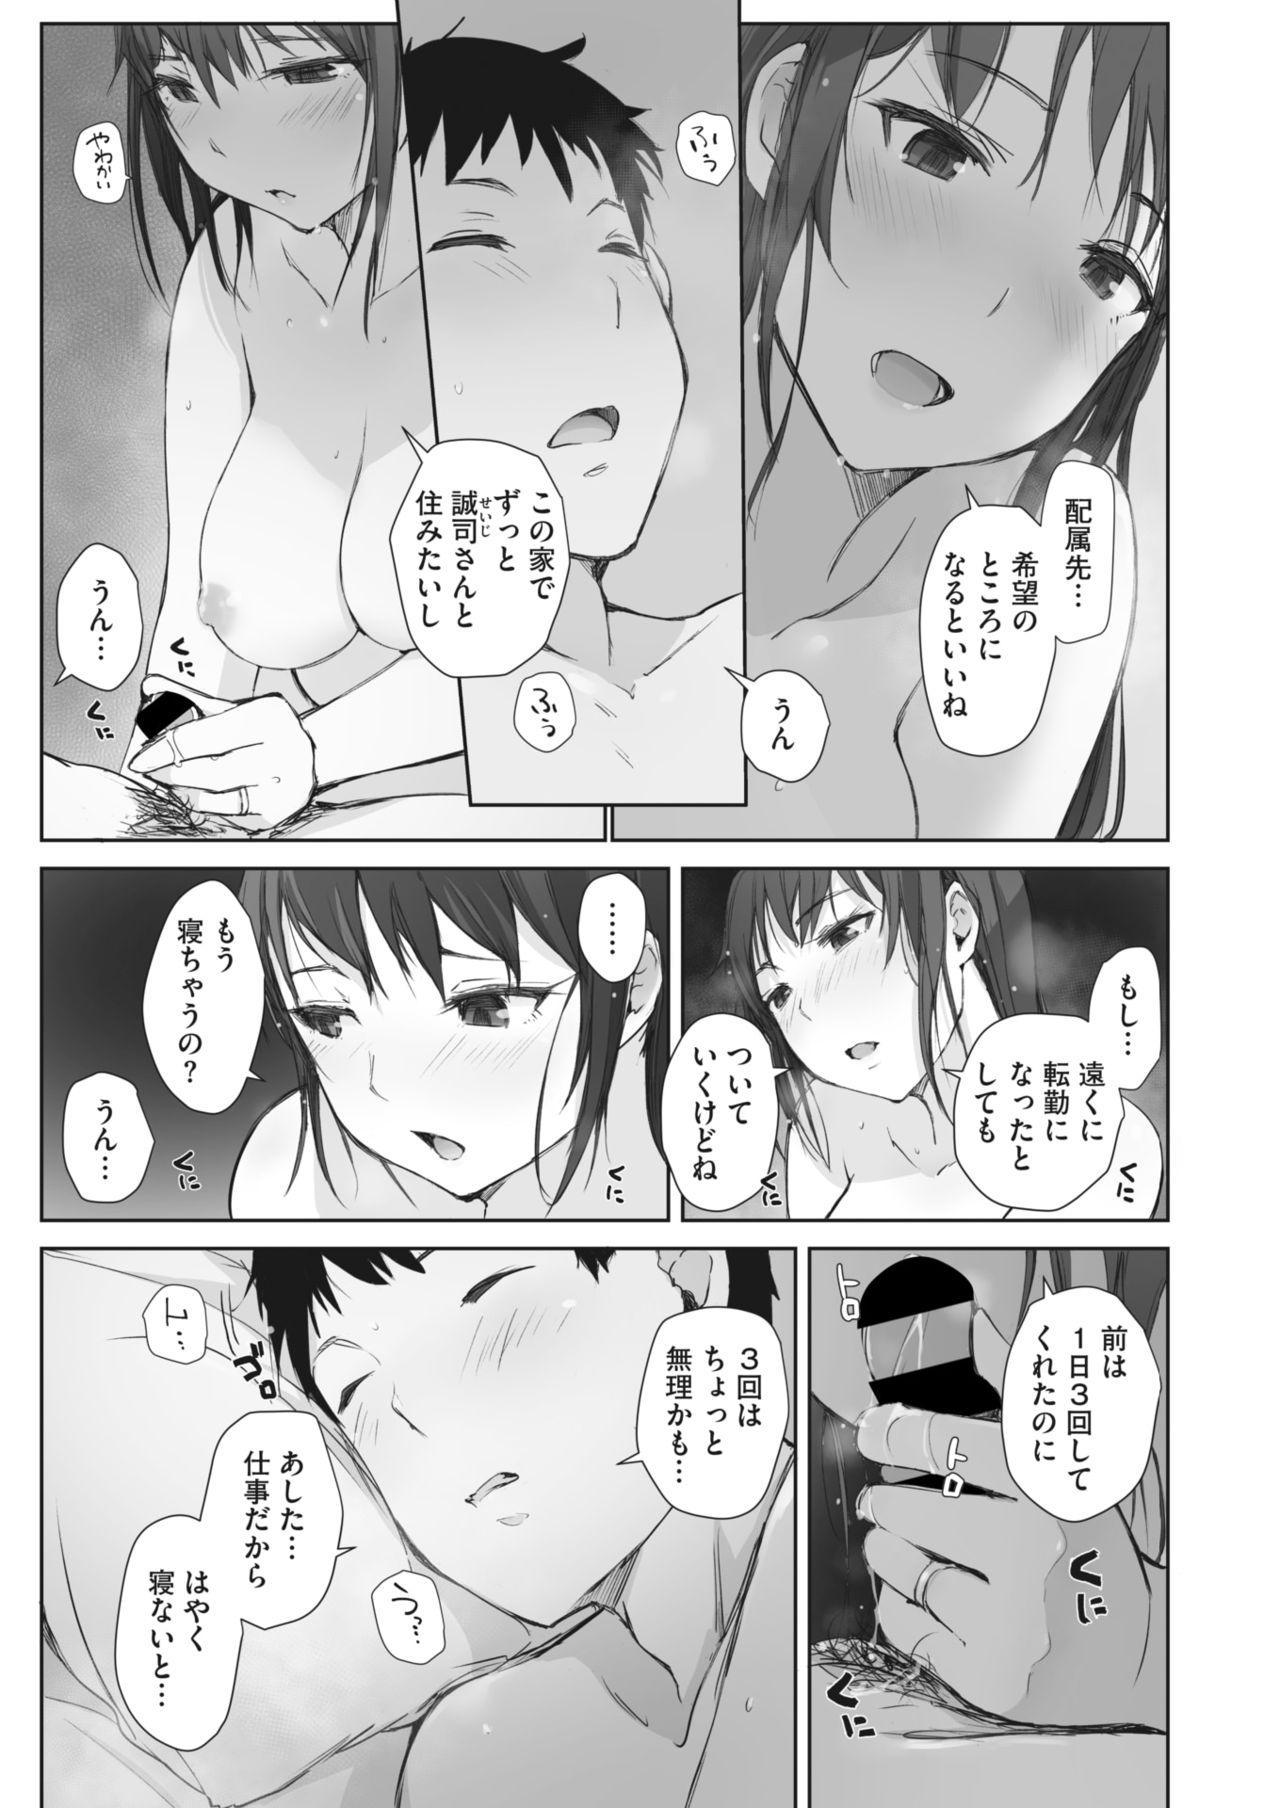 Kawa no Tsumetasa wa Haru no Otozure 1-4 34